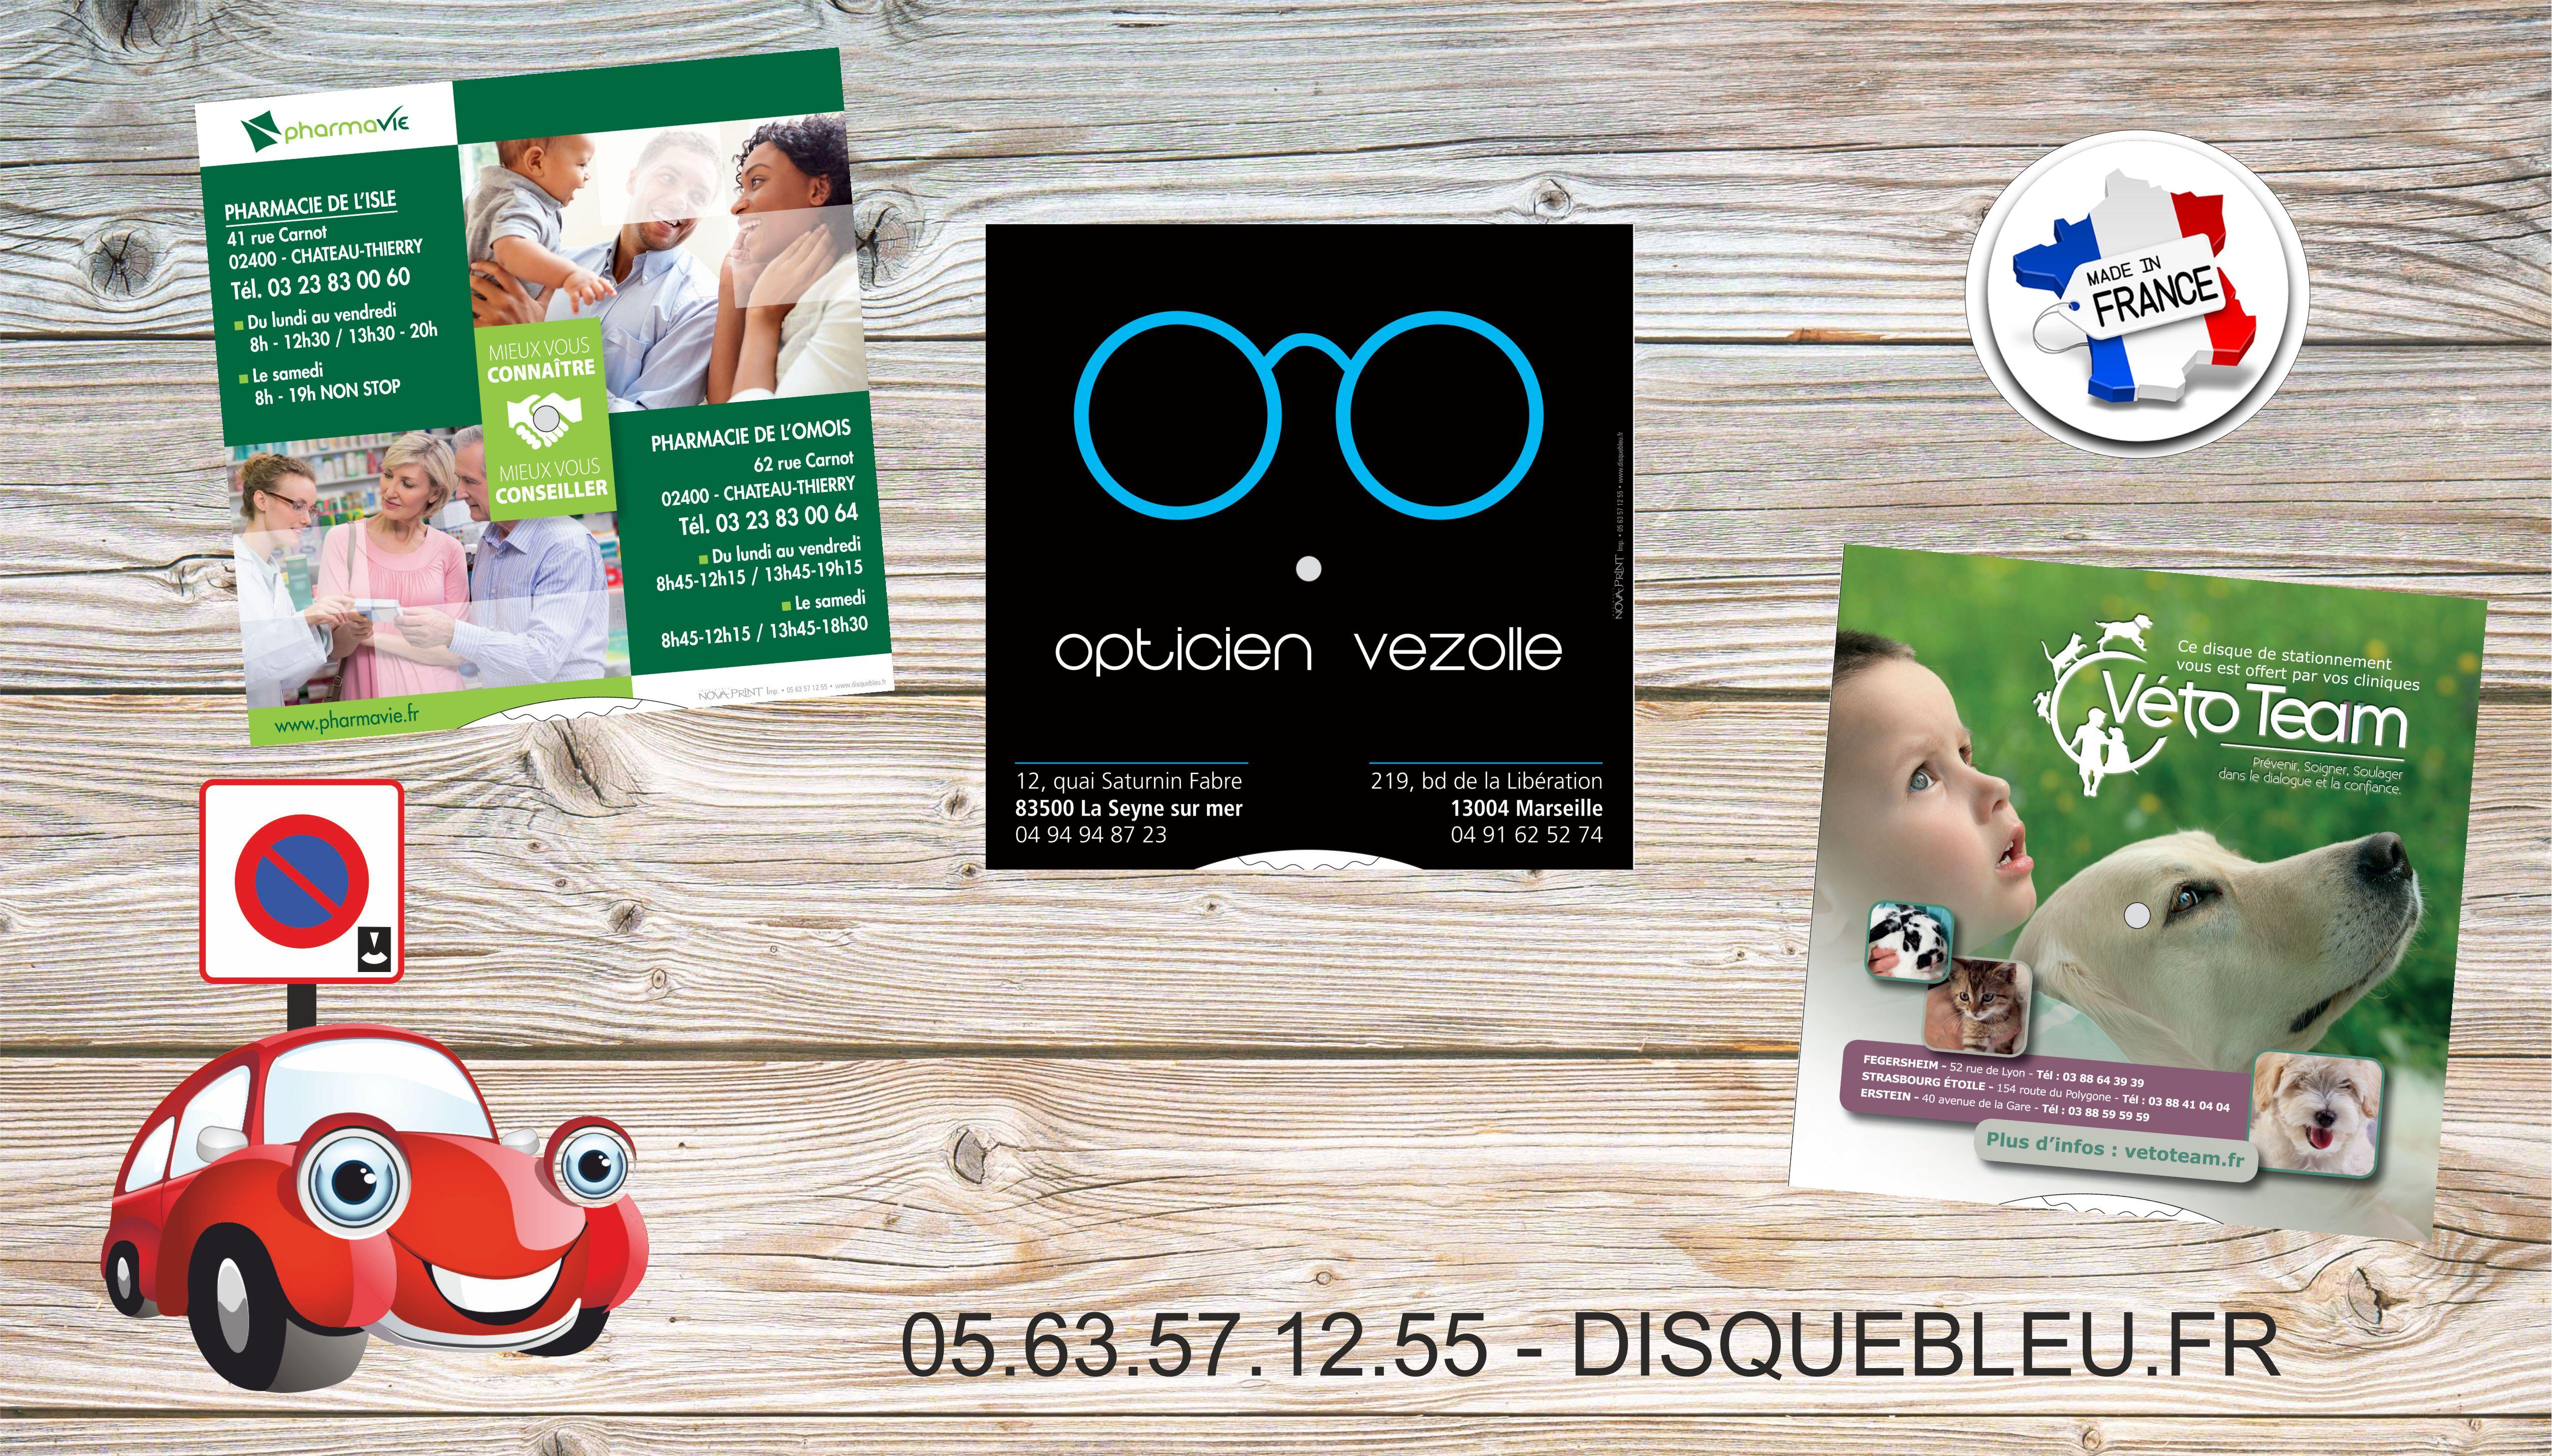 disques de stationnement personnaliseszone bleue pour professionnels de sante pharmacies opticiens veterinaires cabinets medicaux infirmers